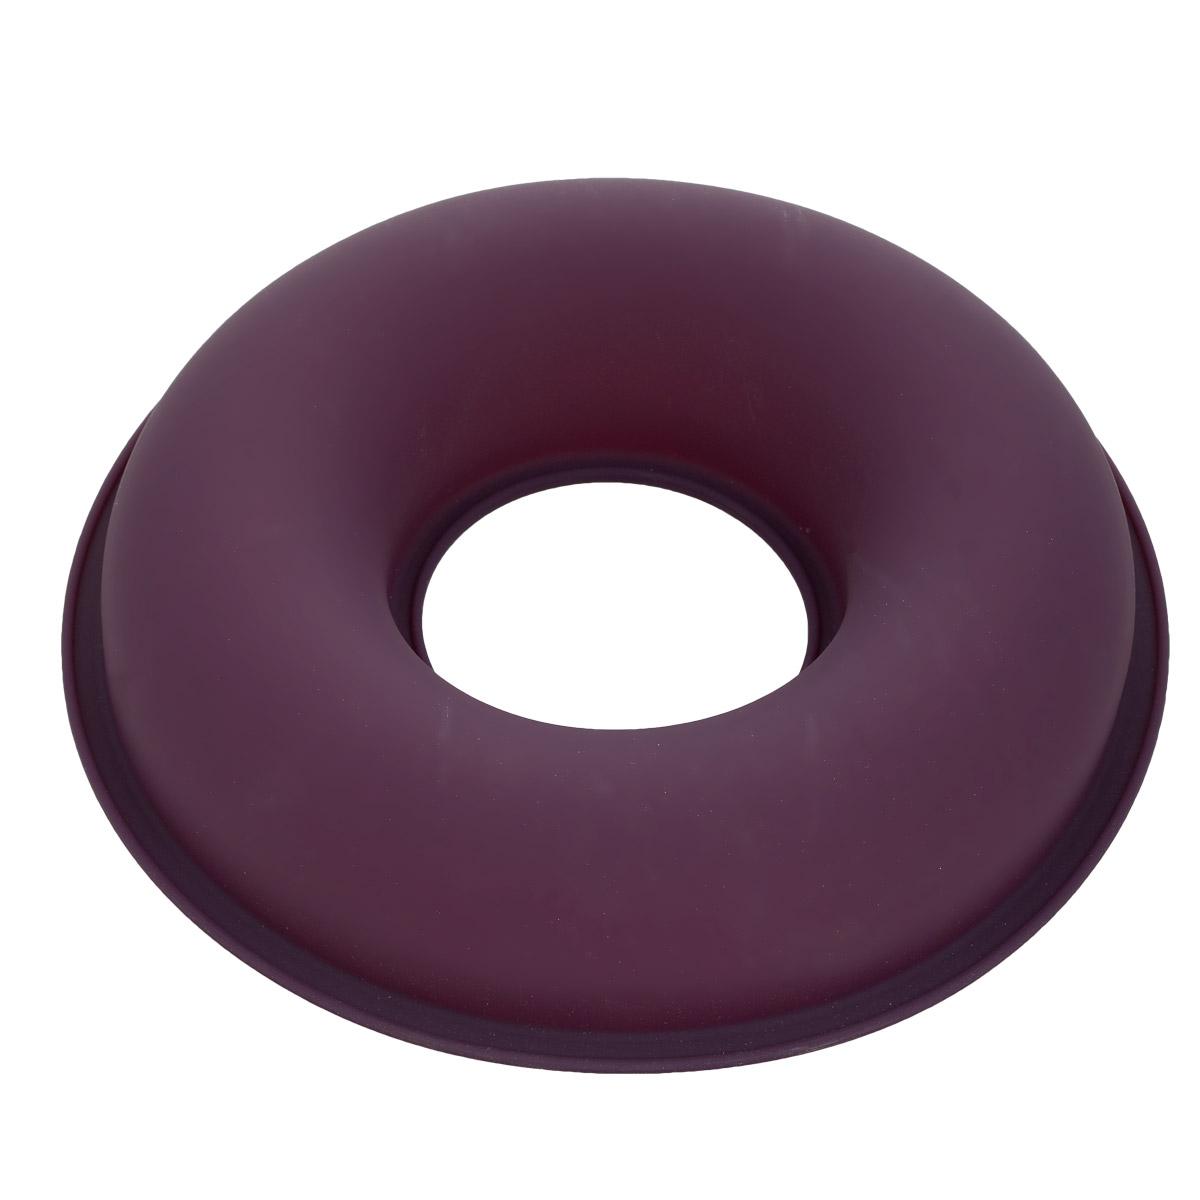 Форма для выпечки Bekker Круг, силиконовая, цвет: фиолетовый, диаметр 26,5 смFS-91909Форма для выпечки Bekker Круг изготовлена из силикона. Силиконовые формы для выпечки имеют много преимуществ по сравнению с традиционными металлическими формами и противнями. Они идеально подходят для использования в микроволновых, газовых и электрических печах при температурах до +250°С; в случае заморозки до -50°С. Можно мыть в посудомоечной машине. За счет высокой теплопроводности силикона изделия выпекаются заметно быстрее. Благодаря гибкости и антиприлипающим свойствам силикона, готовое изделие легко извлекается из формы. Для этого достаточно отогнуть края и вывернуть форму (выпечке дайте немного остыть, а замороженный продукт лучше вынимать сразу). Силикон абсолютно безвреден для здоровья, не впитывает запахи, не оставляет пятен, легко моется.Форма для выпечки Bekker Круг - практичный и необходимый подарок любой хозяйке!